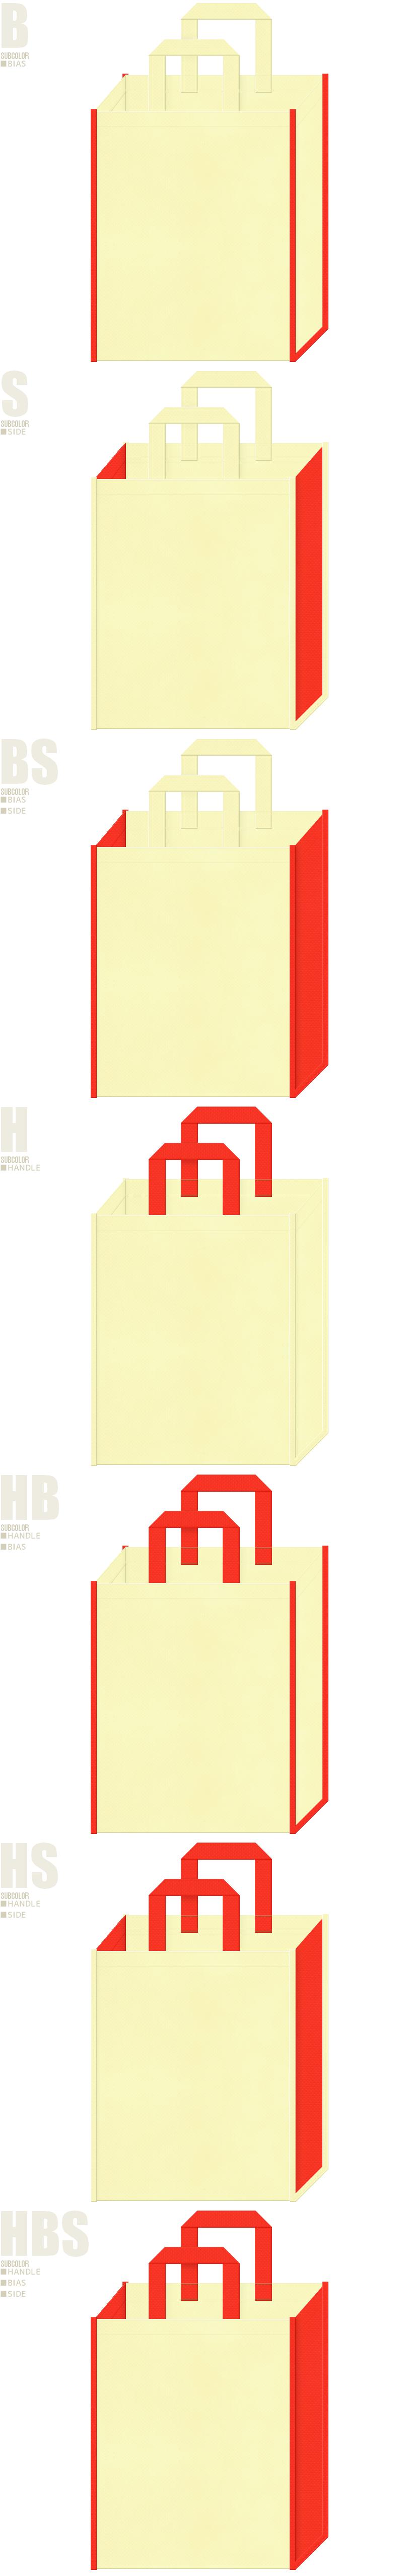 サプリメント・たまご・サラダ油・調味料・お料理教室・レシピ・キッチン・ランチバッグにお奨めの不織布バッグデザイン:薄黄色とオレンジ色の配色7パターン。